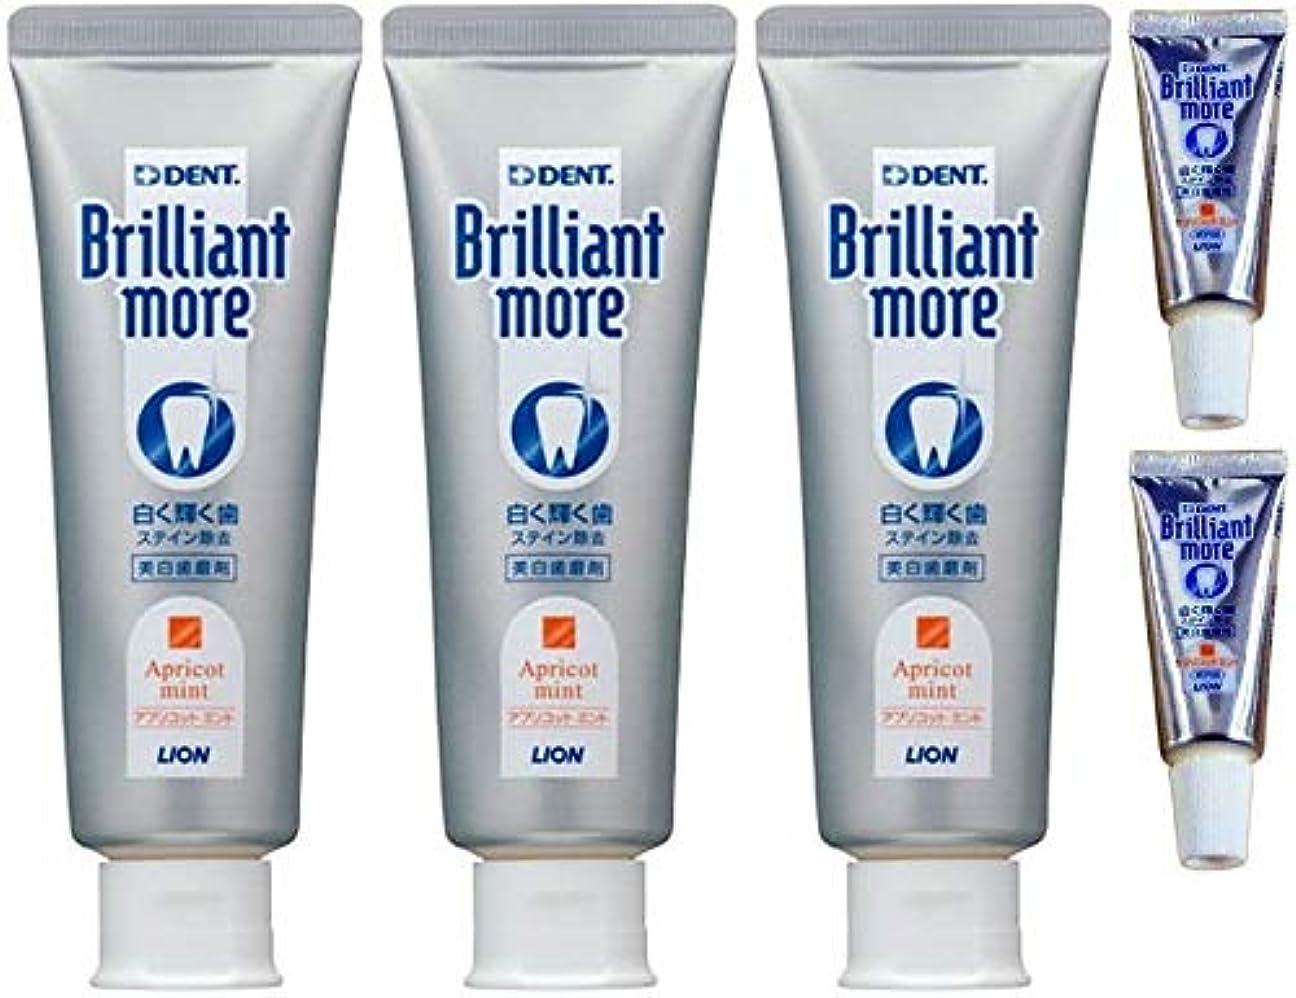 相談夕方インキュバスライオン ブリリアントモア アプリコットミント 歯科用 美白歯磨剤 90g×3本 (試供品 20g×2本付き)期間限定